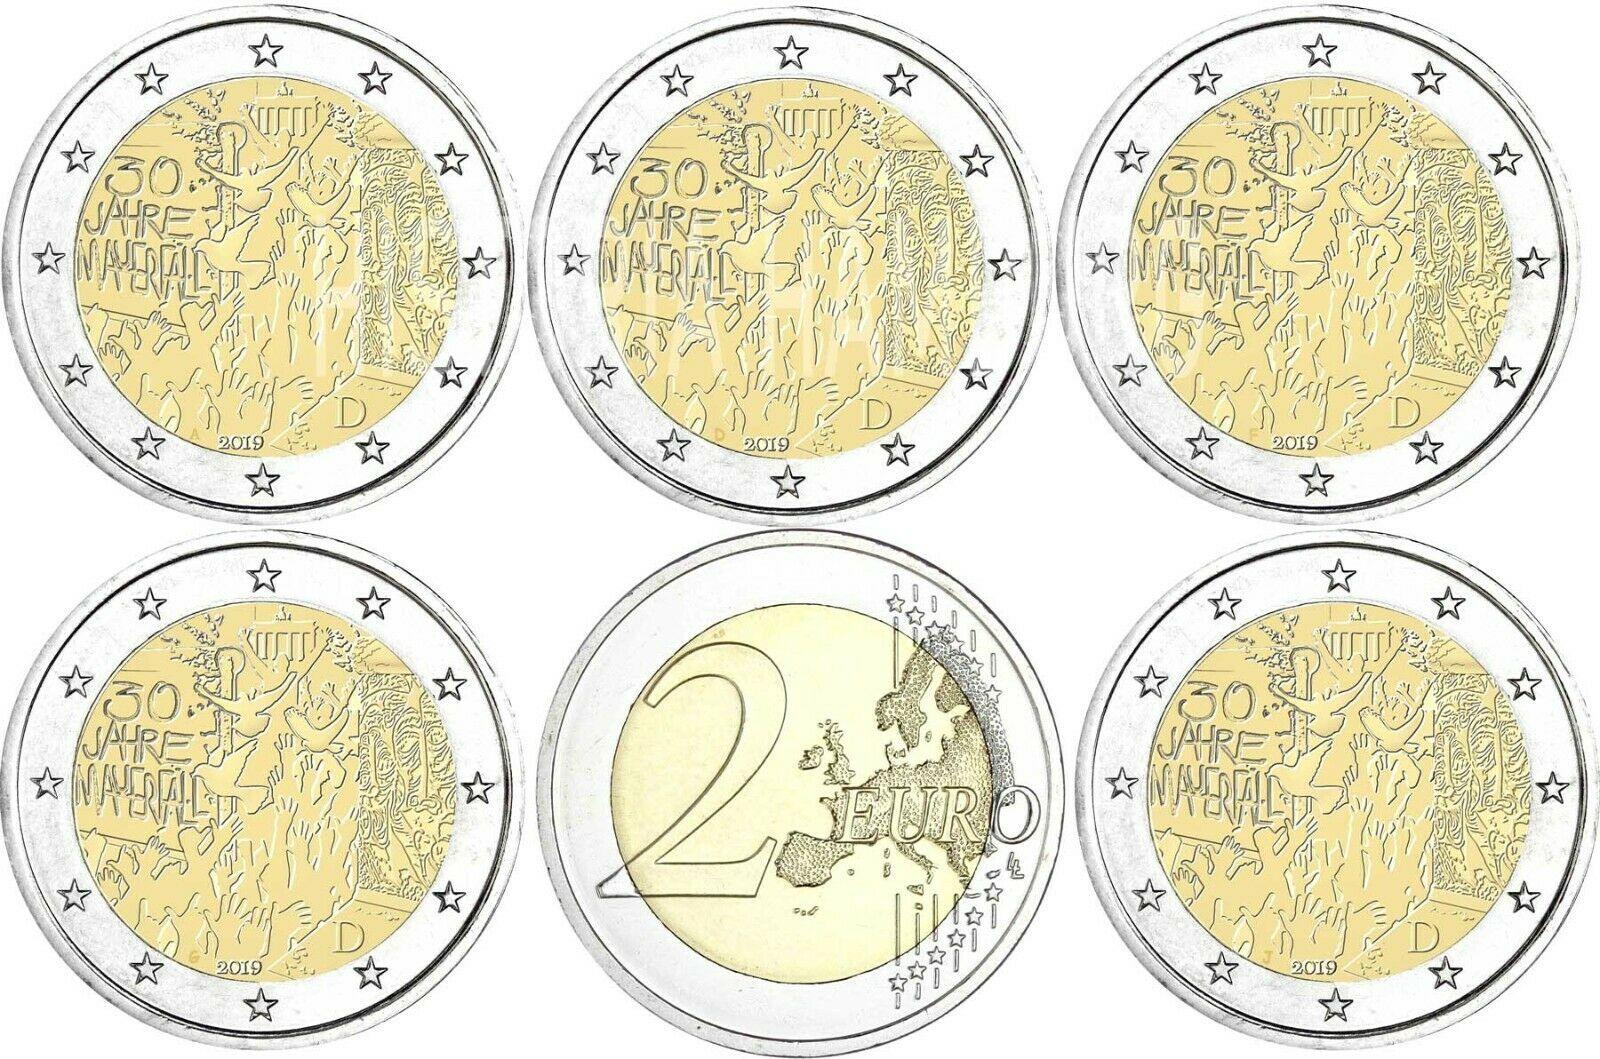 Германия 2 евро 2019 г. 30-летие падения Берлинской стены (A,D,F,G,J)